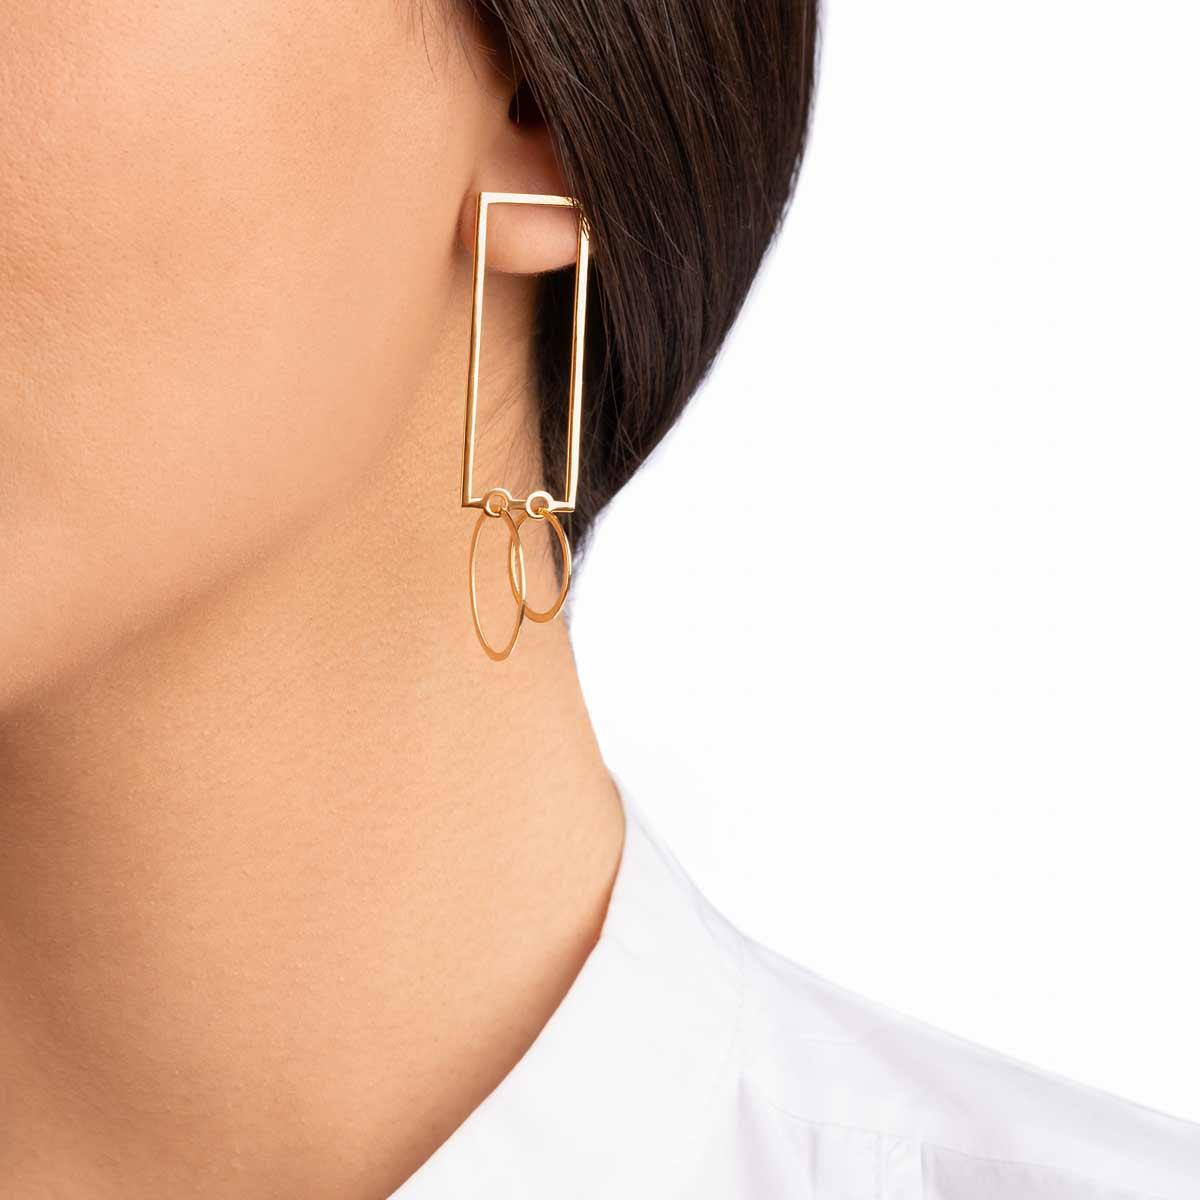 گوشواره طلا مستطیل و دایره